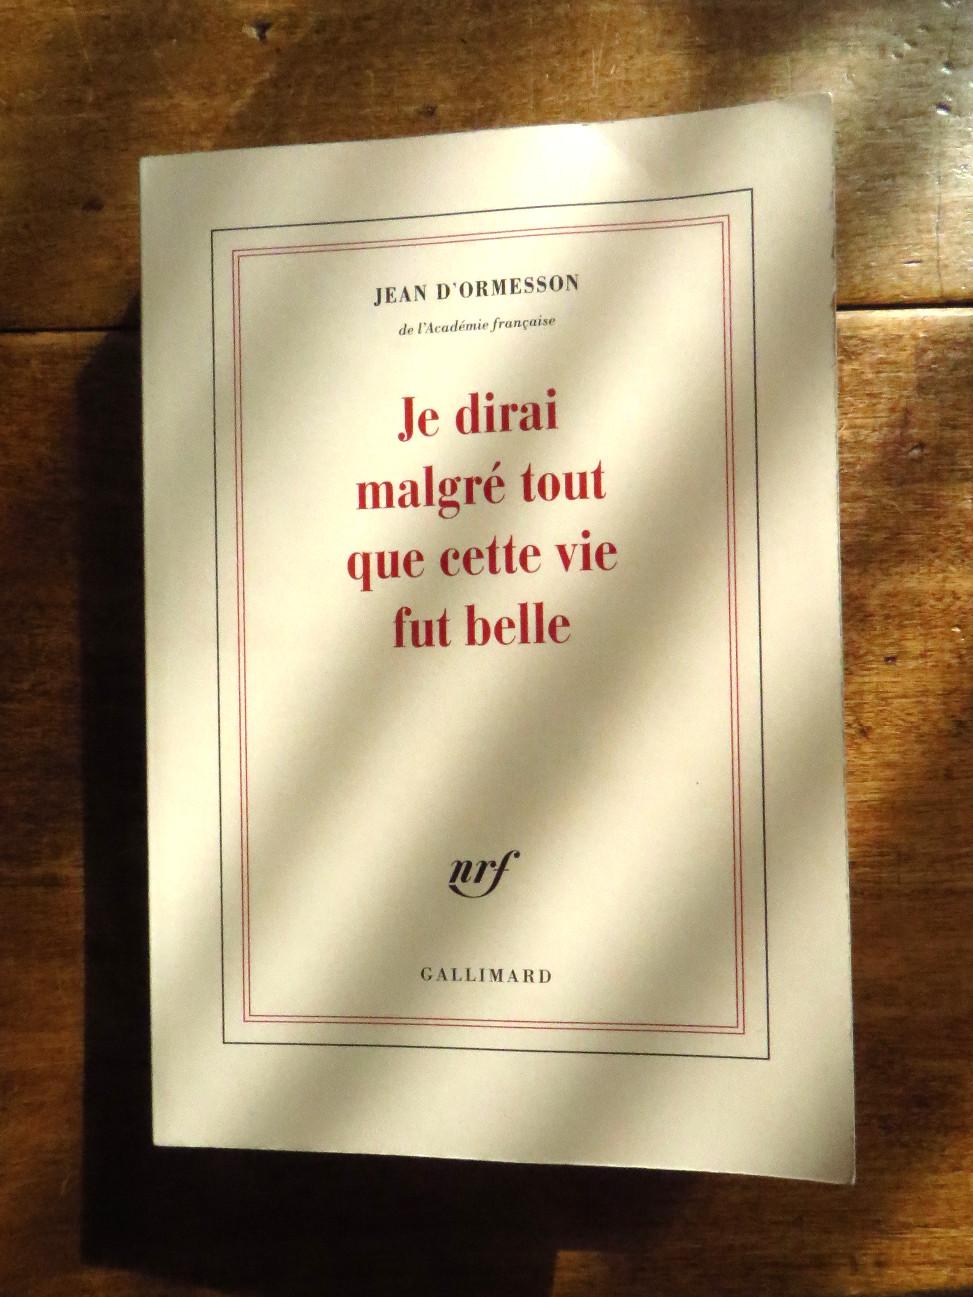 Photo, Je dirai malgré tout que cette vie fut belle, Jean d'Ormesson